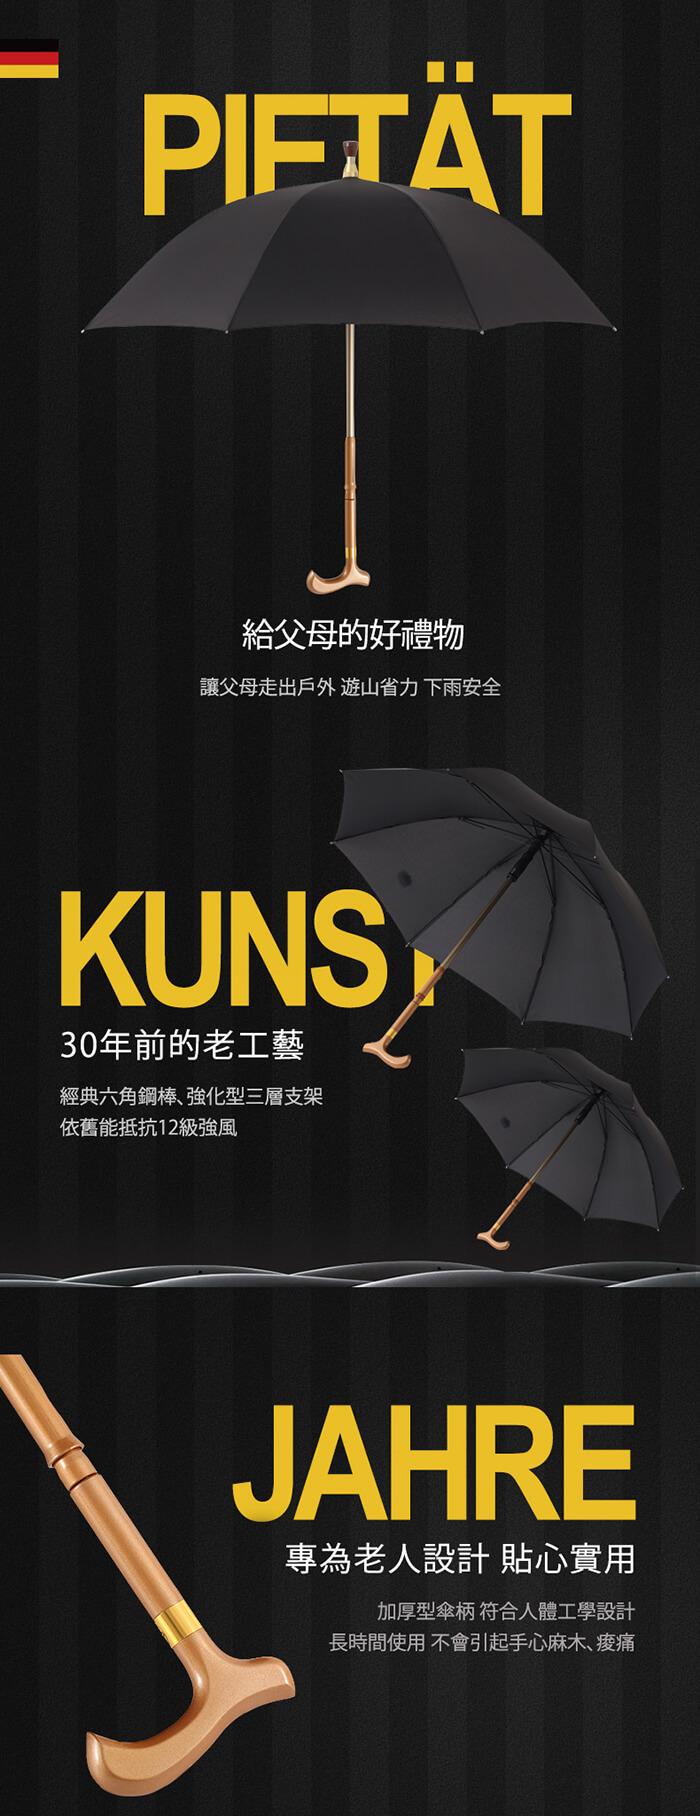 (複製)德國kobold|抗UV零透光智能防曬-80Kg超耐重抗強風 -女用遮陽防曬傘-直柄傘-寶石藍